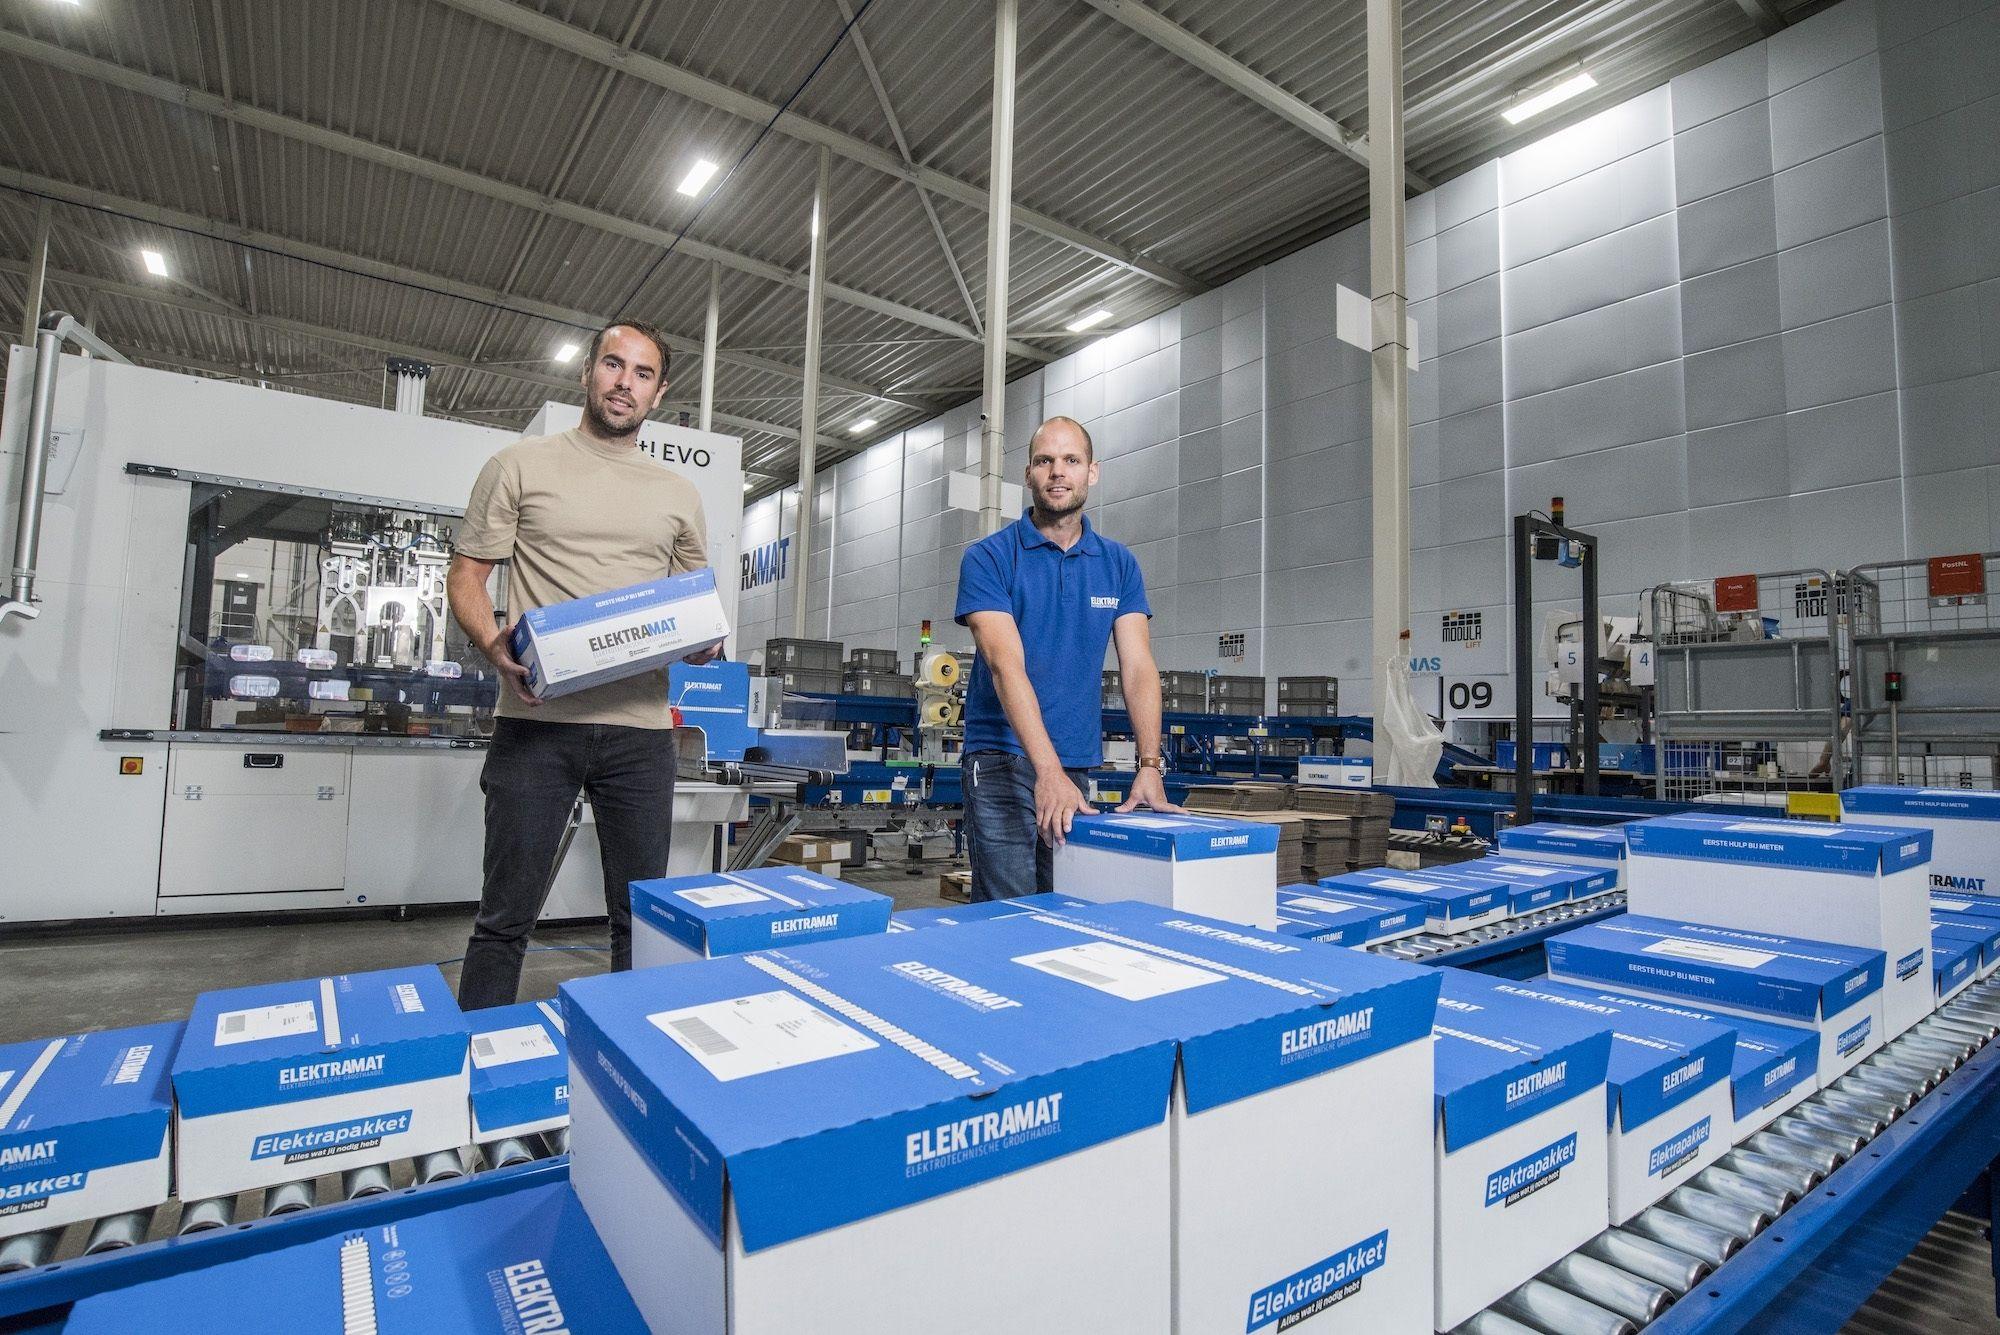 Ruud Pierik Elektramat enschede miljoenen bedrijf online handel ondernemer magazijn